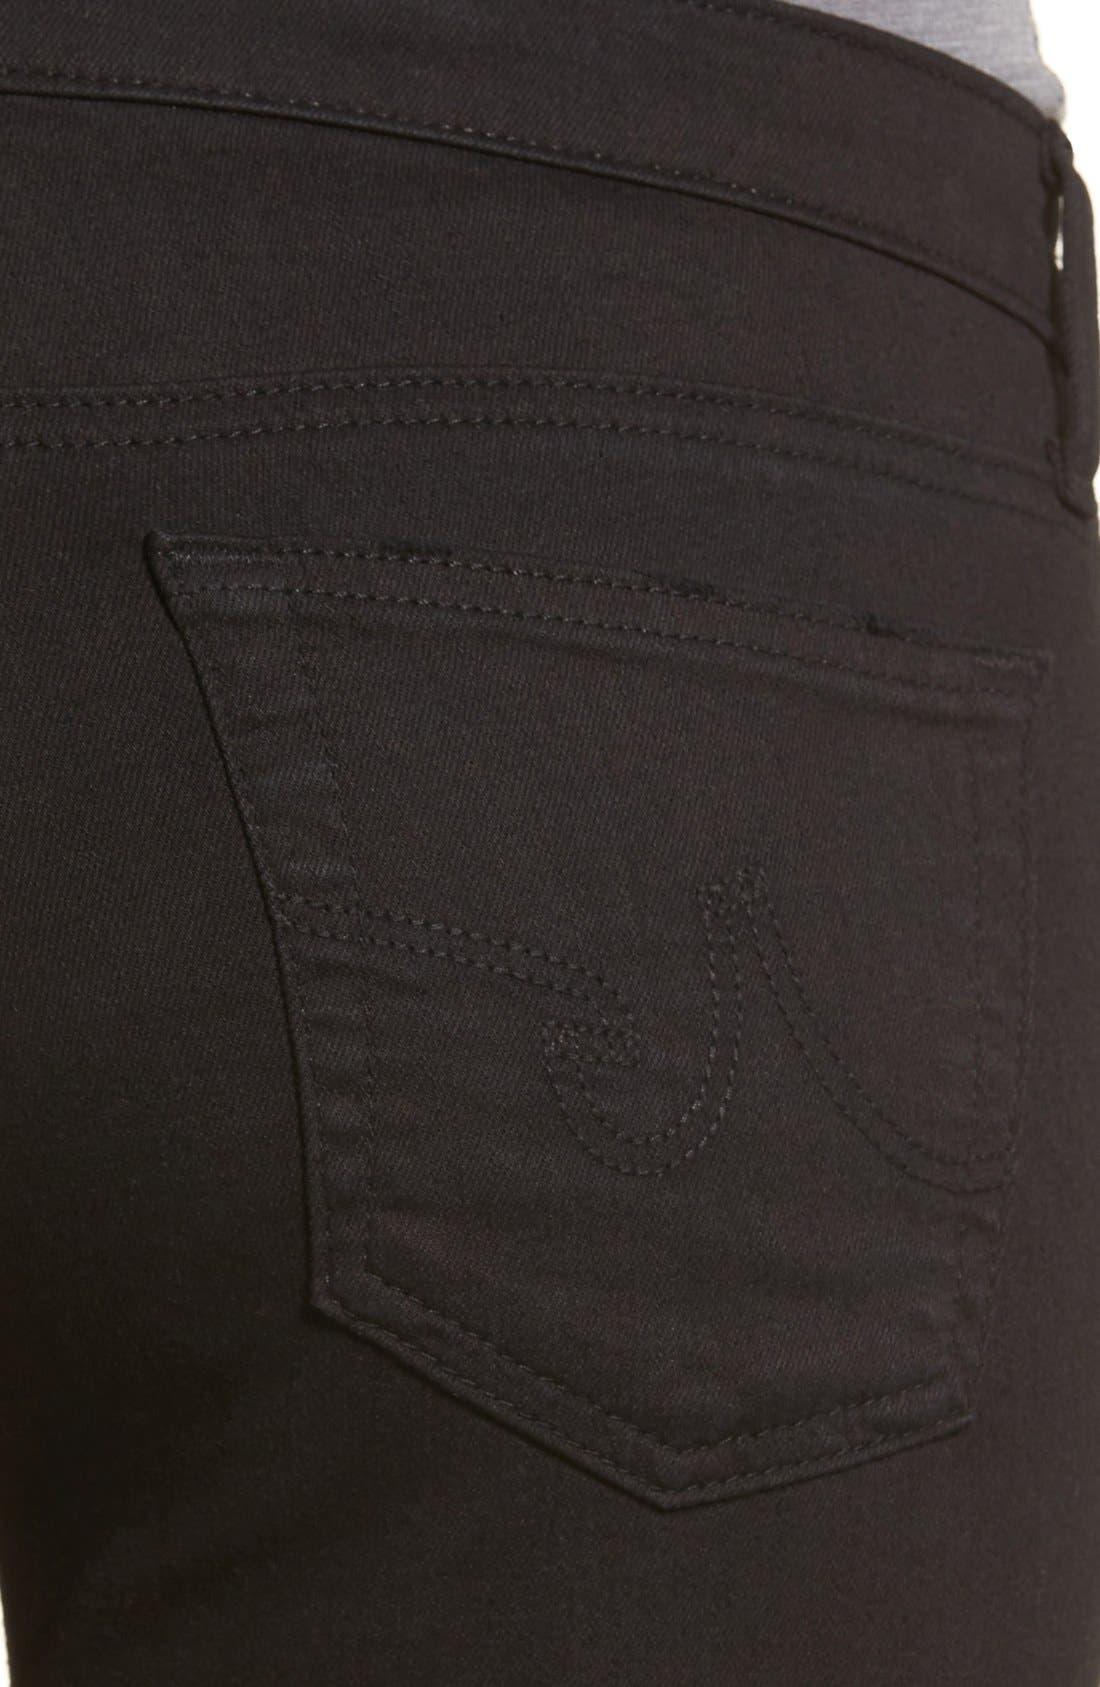 Alternate Image 4  - AG 'The Legging' Ankle Super Skinny Jeans